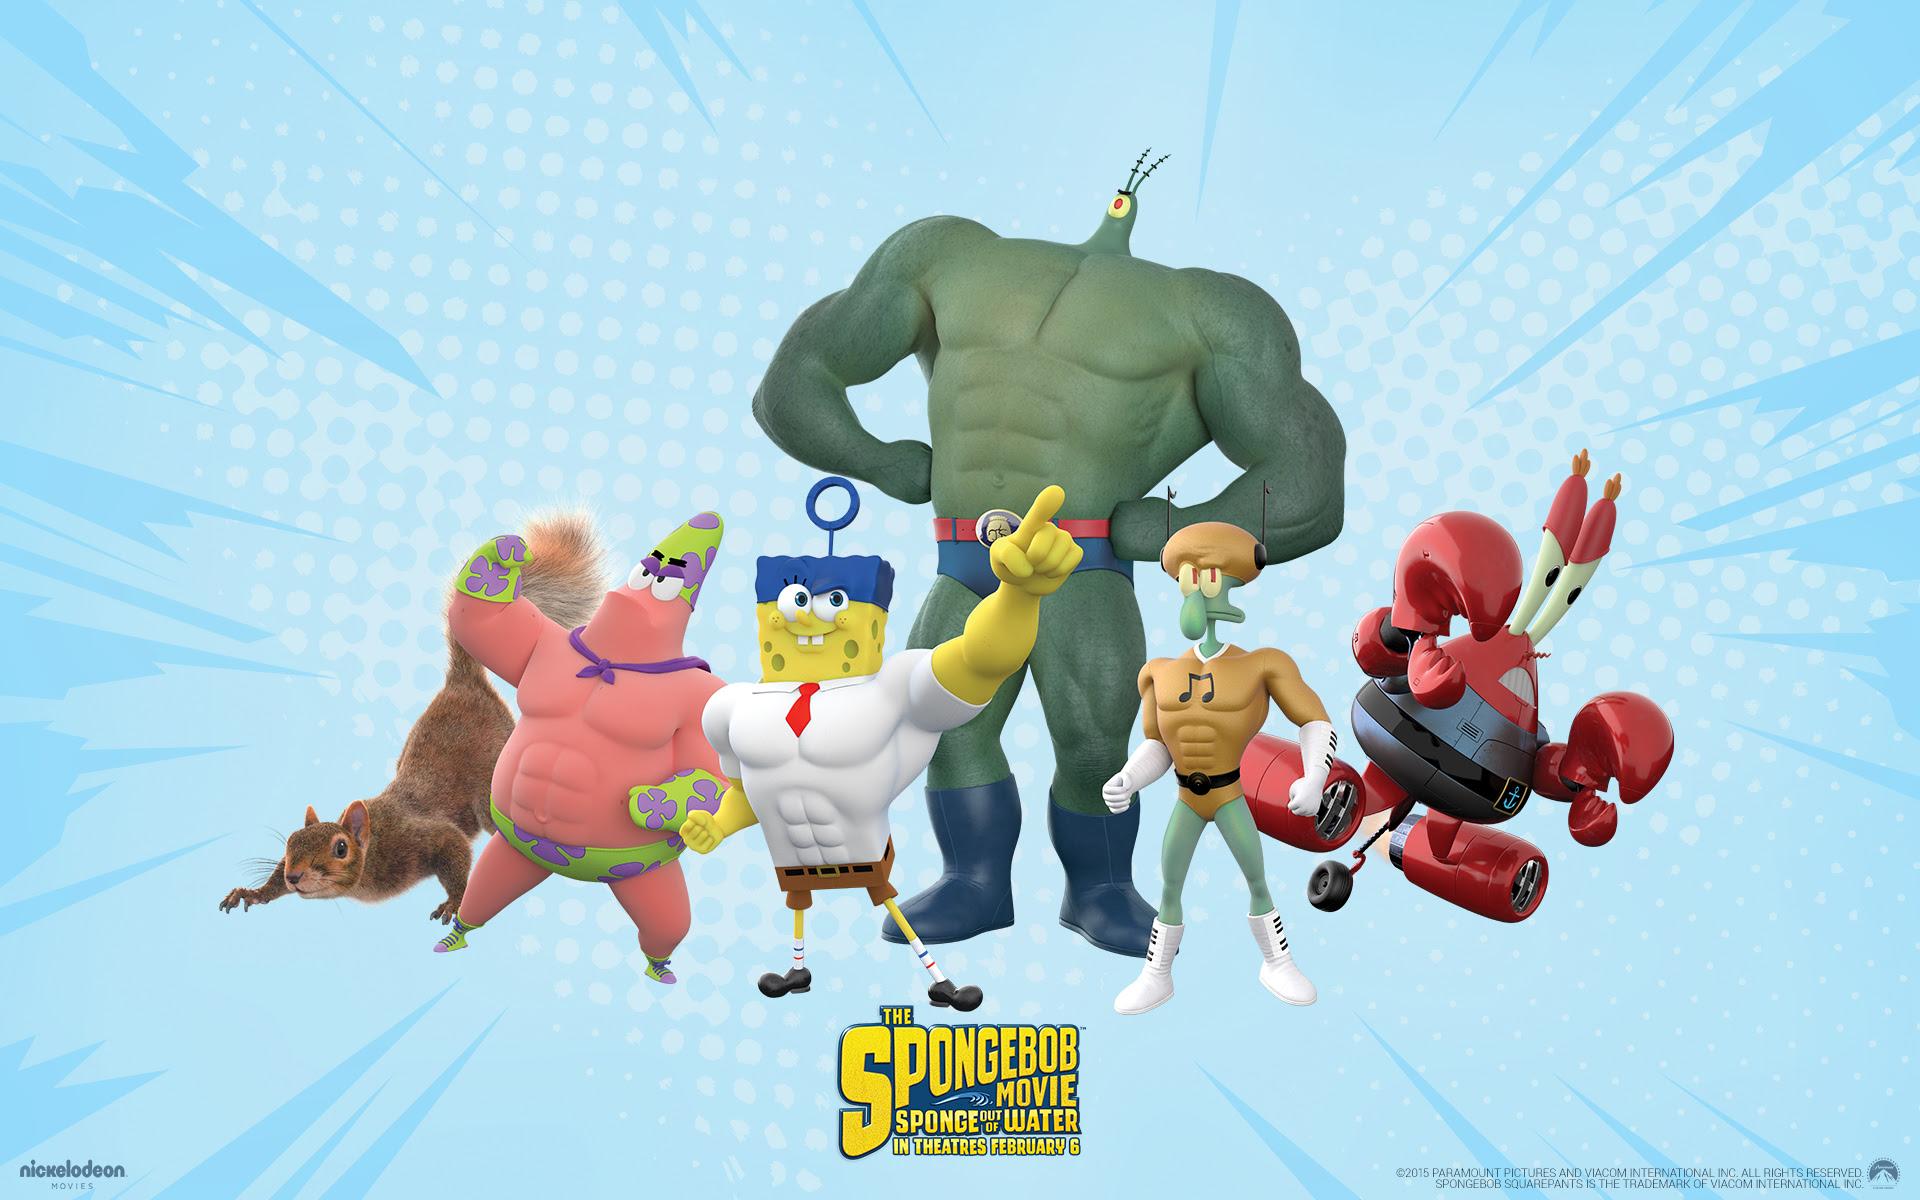 Spongebob Squarepants Sponge Out Of Water Spongebob Squarepants